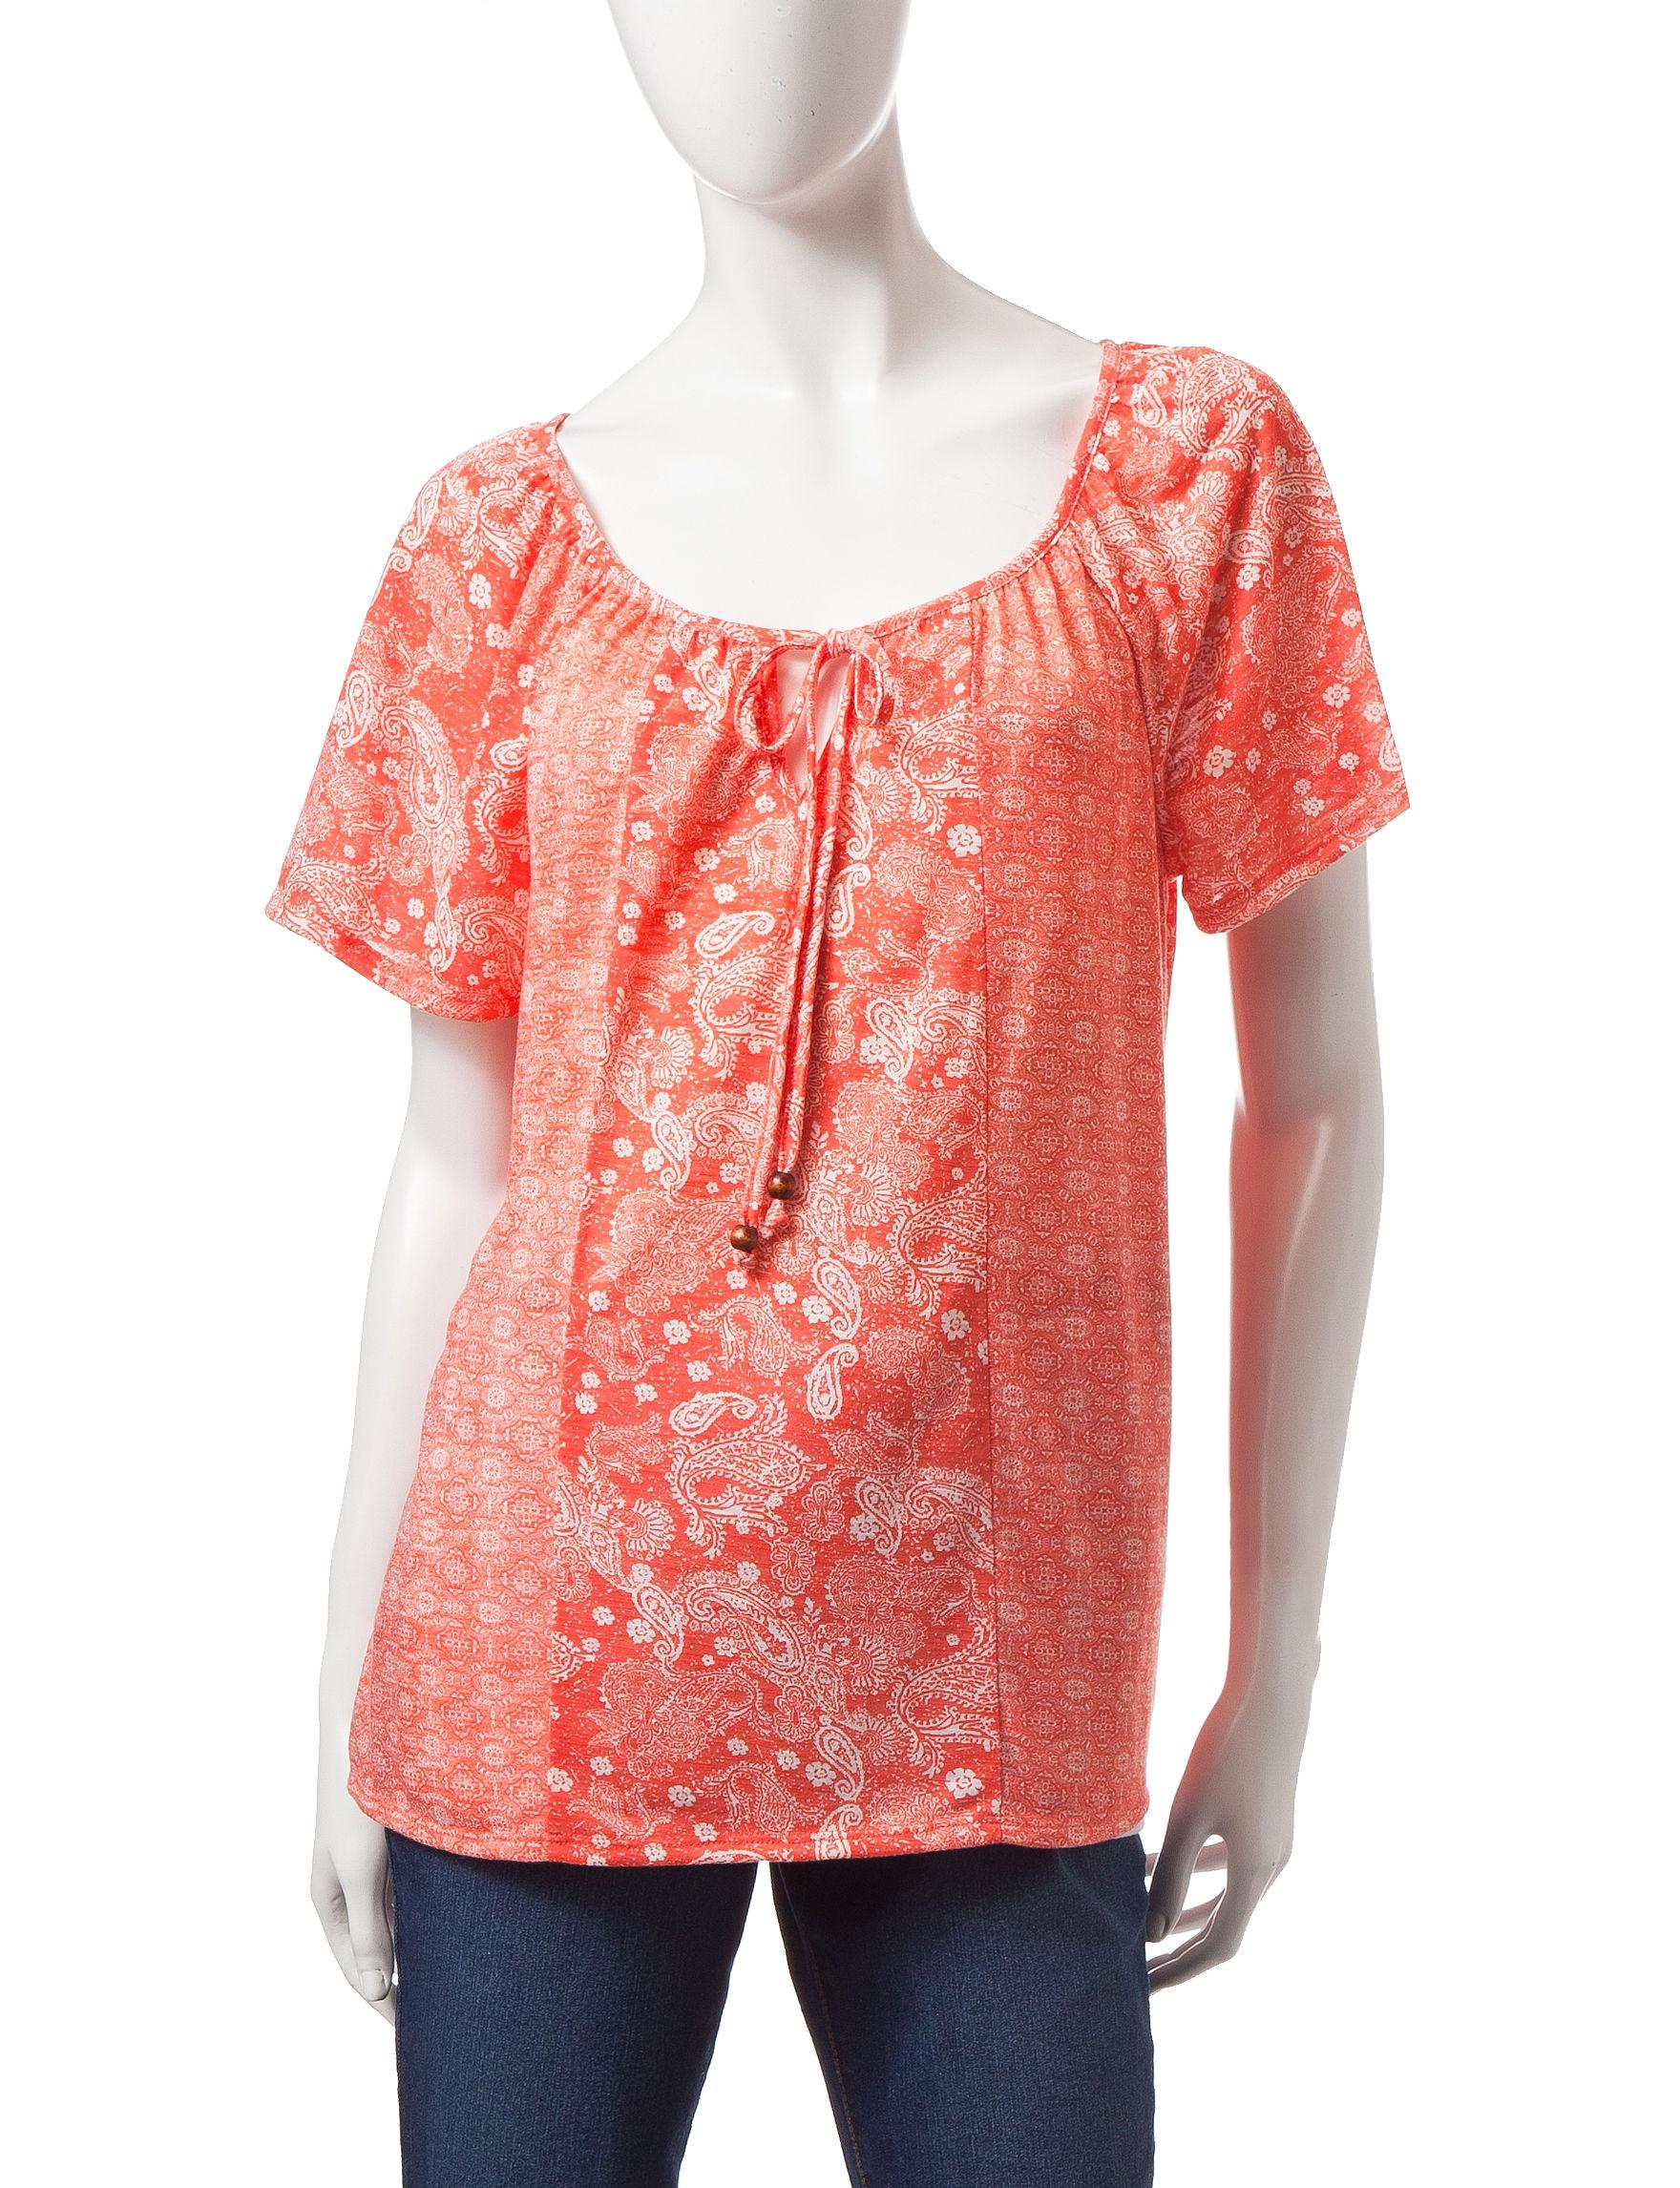 Rebecca Malone Pink Shirts & Blouses